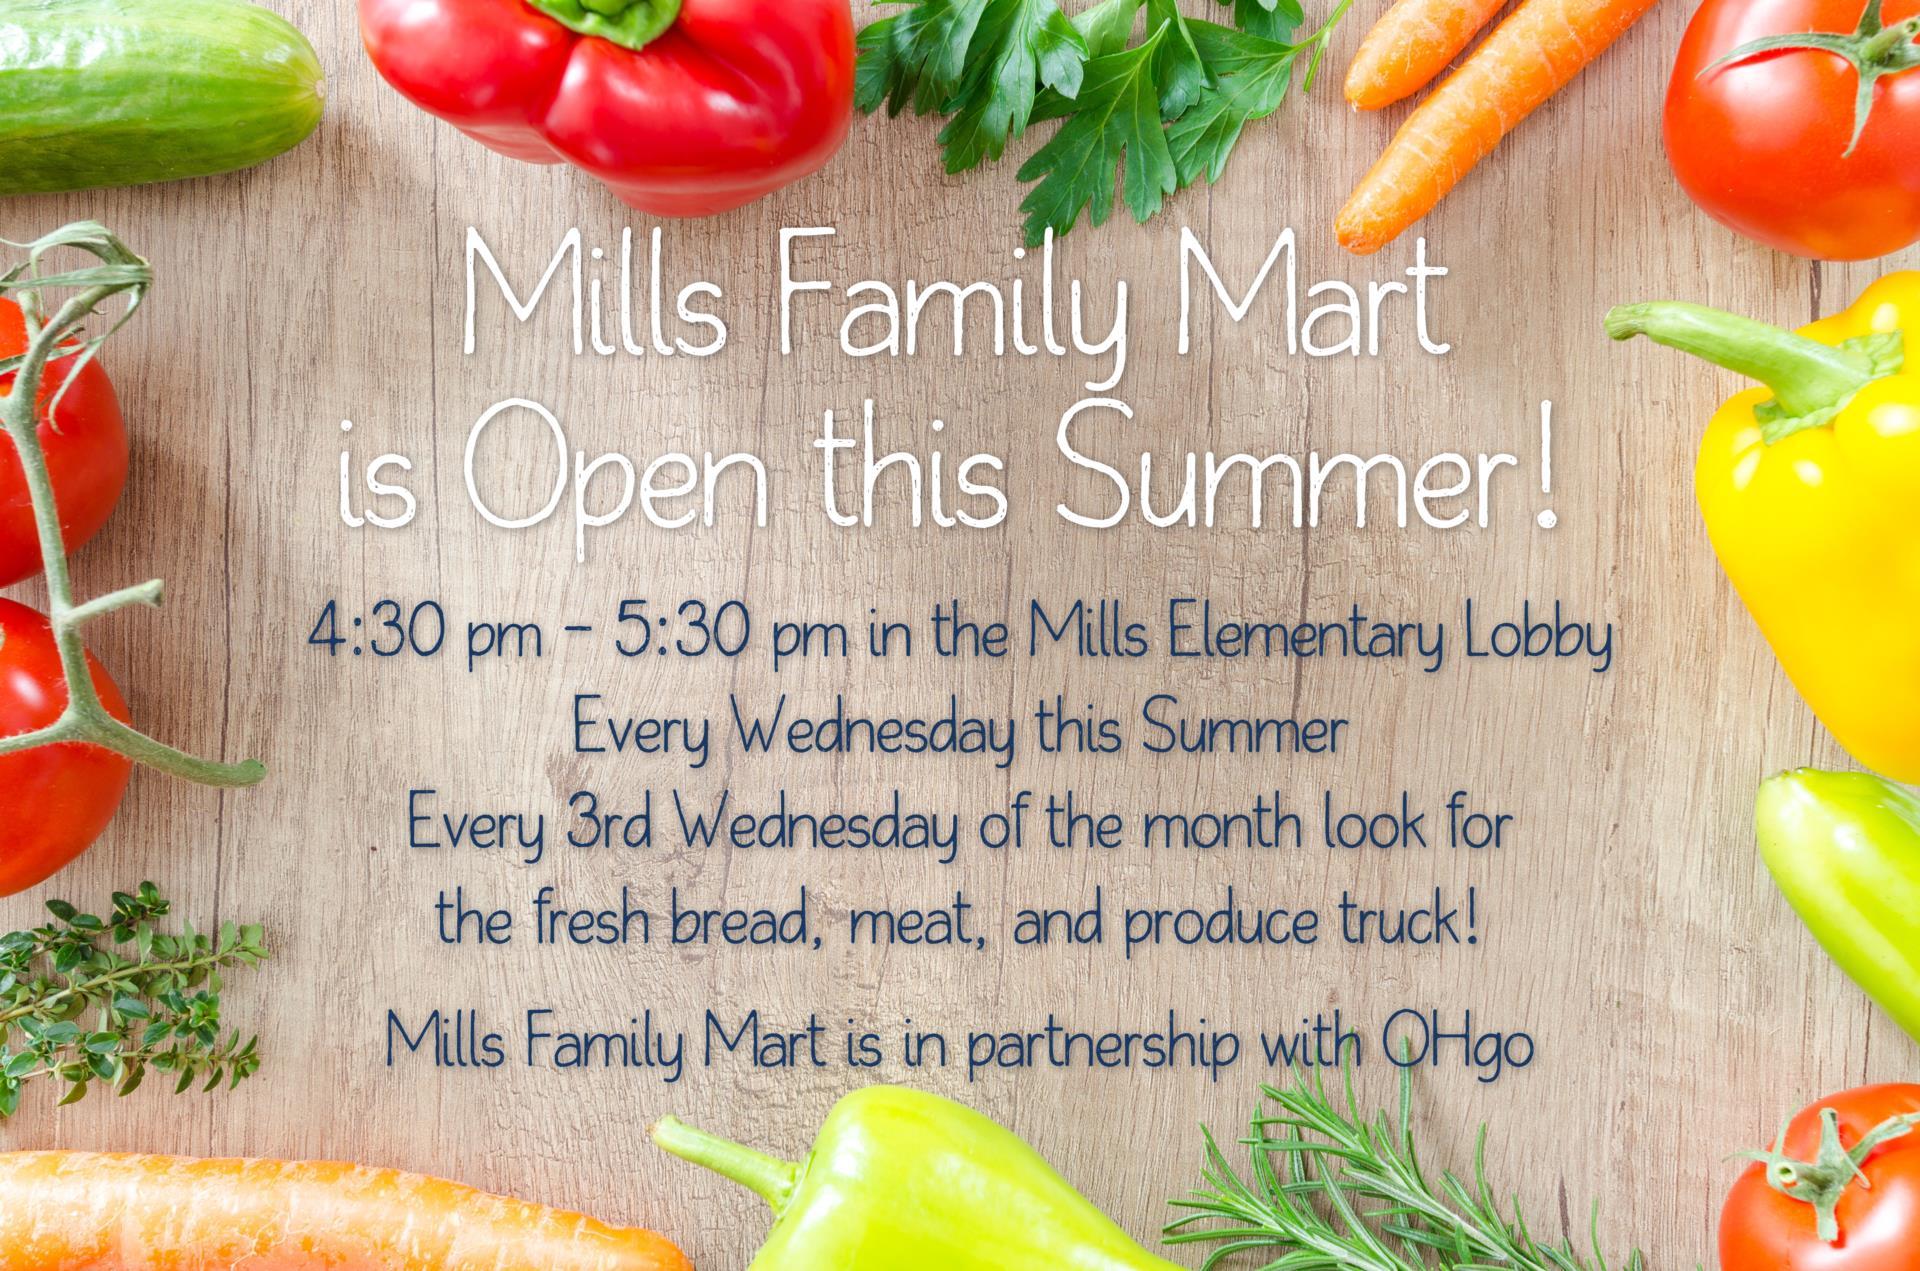 Mills Family Mart